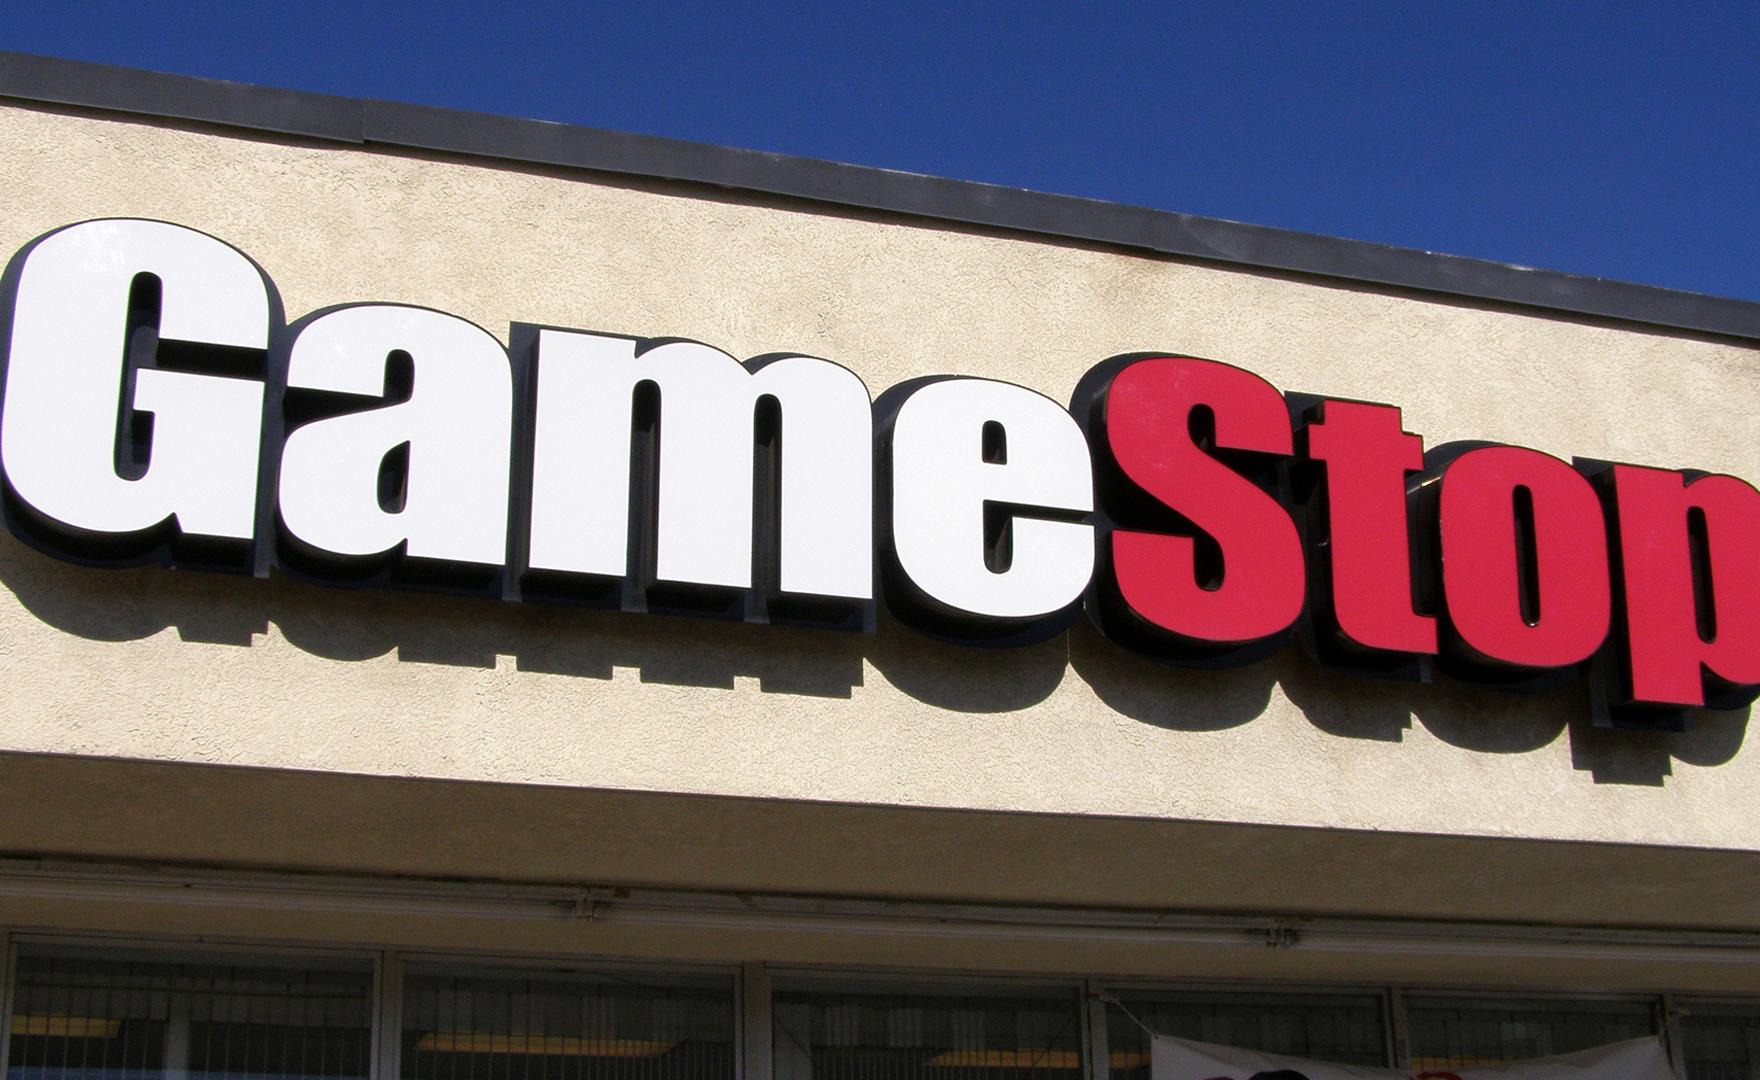 GameStop: svariati negozi sono in procinto di chiusura?